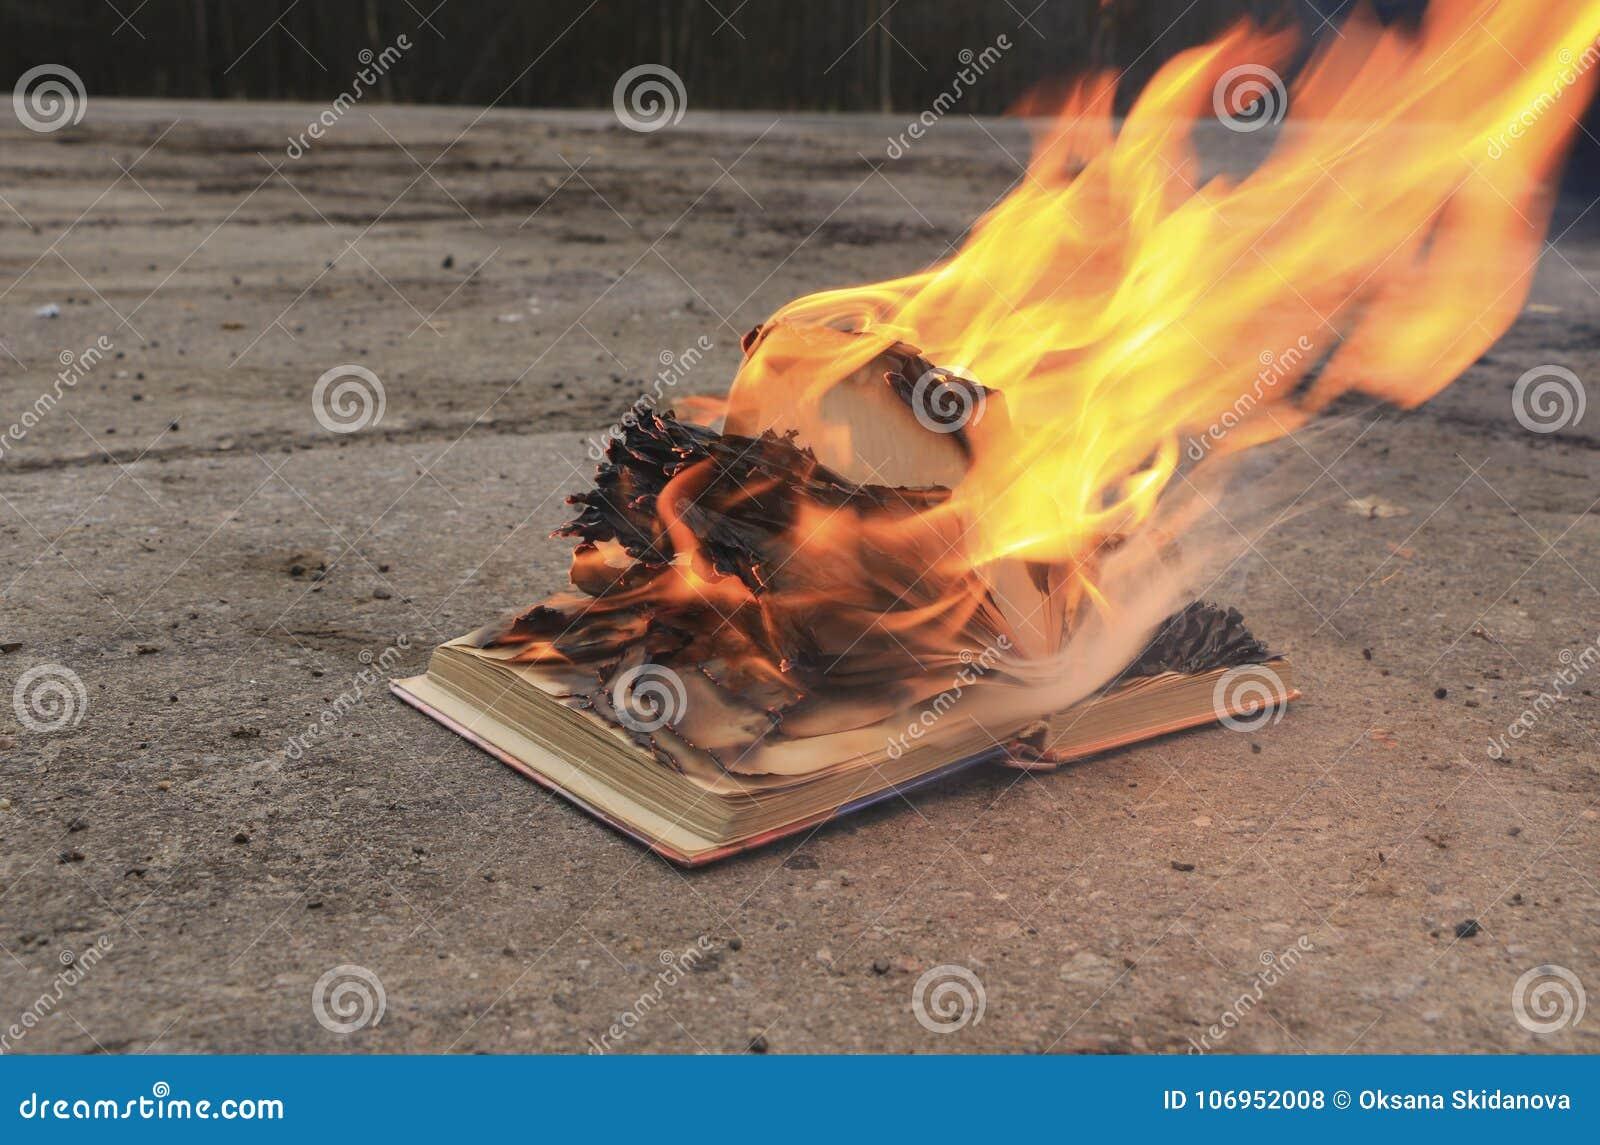 Reserve con las páginas ardientes en una superficie concreta